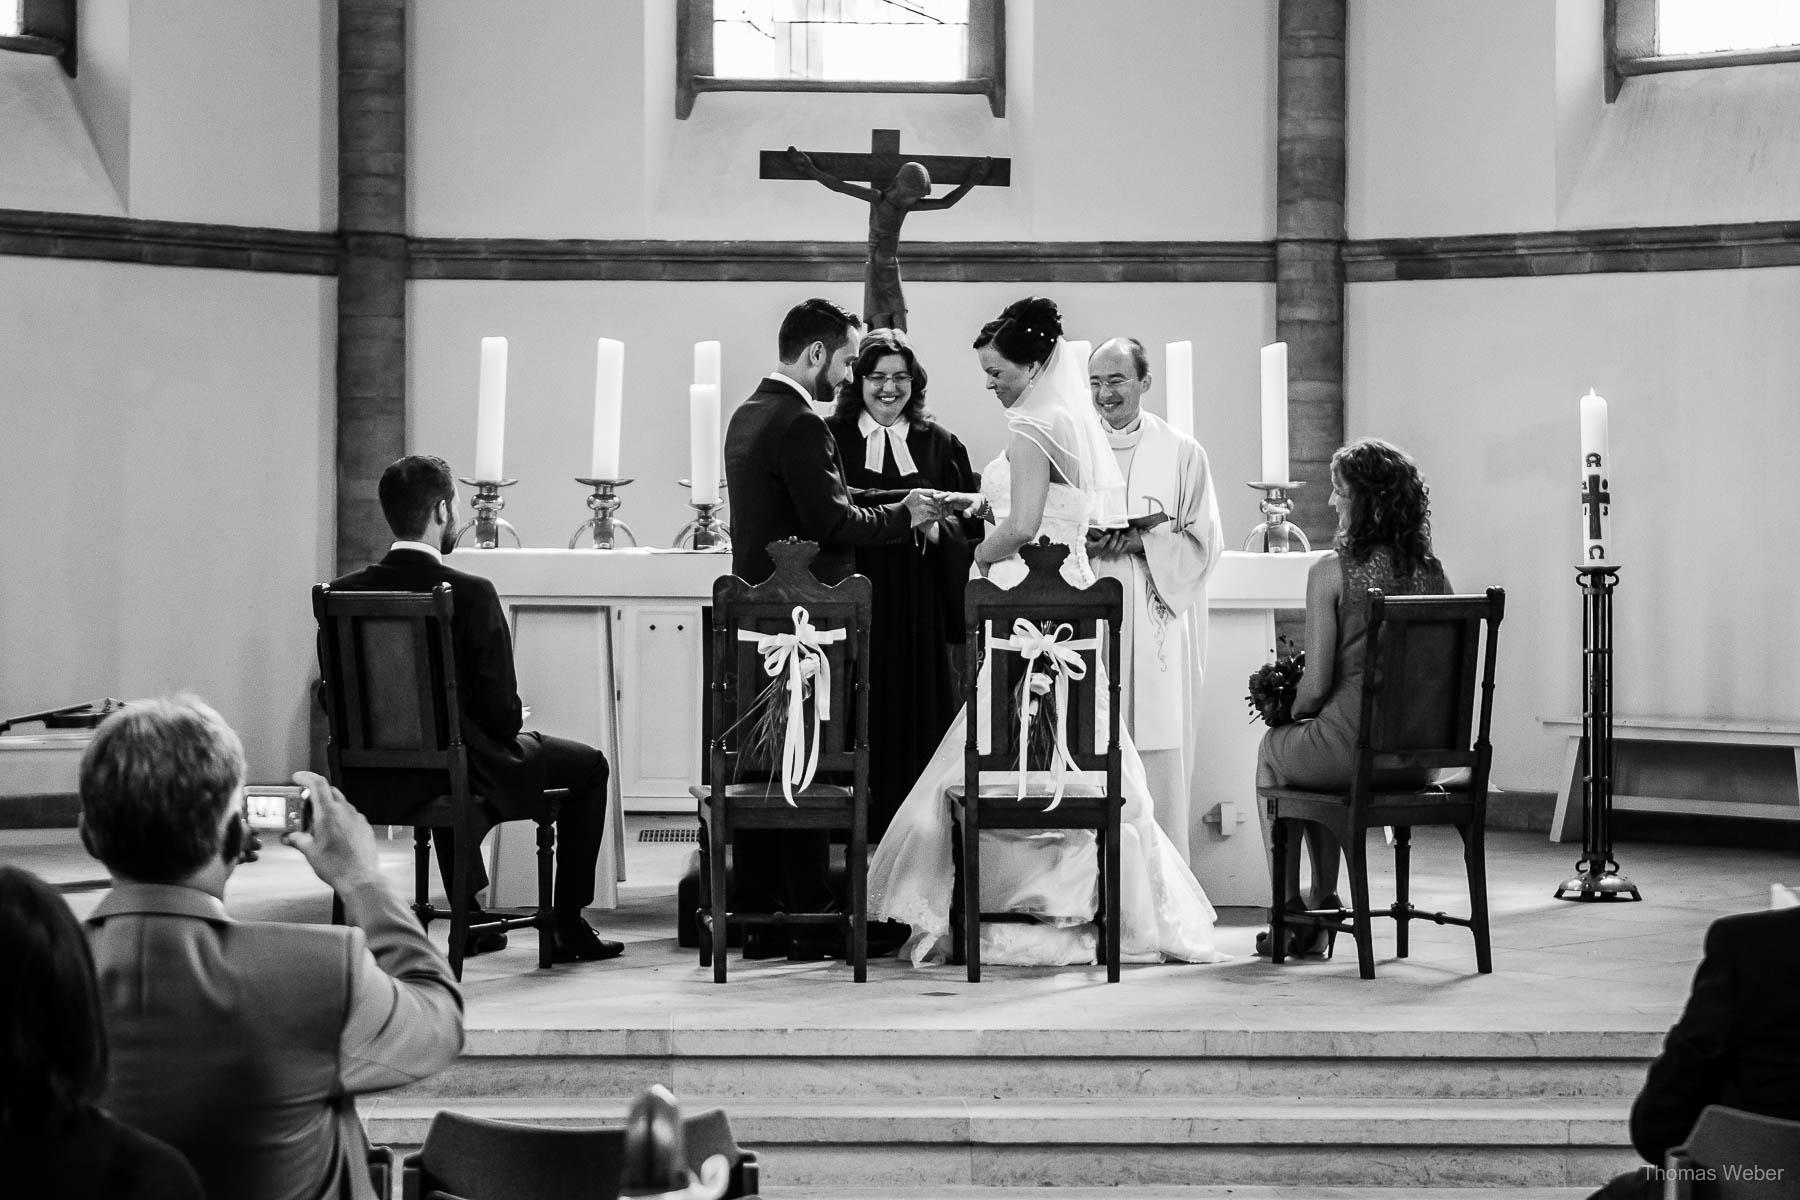 Als Hochzeitsfotograf im Landhaus Etzhorn bei einer fröhlichen Hochzeitsfeier, Hochzeitsfotograf Ostfriesland